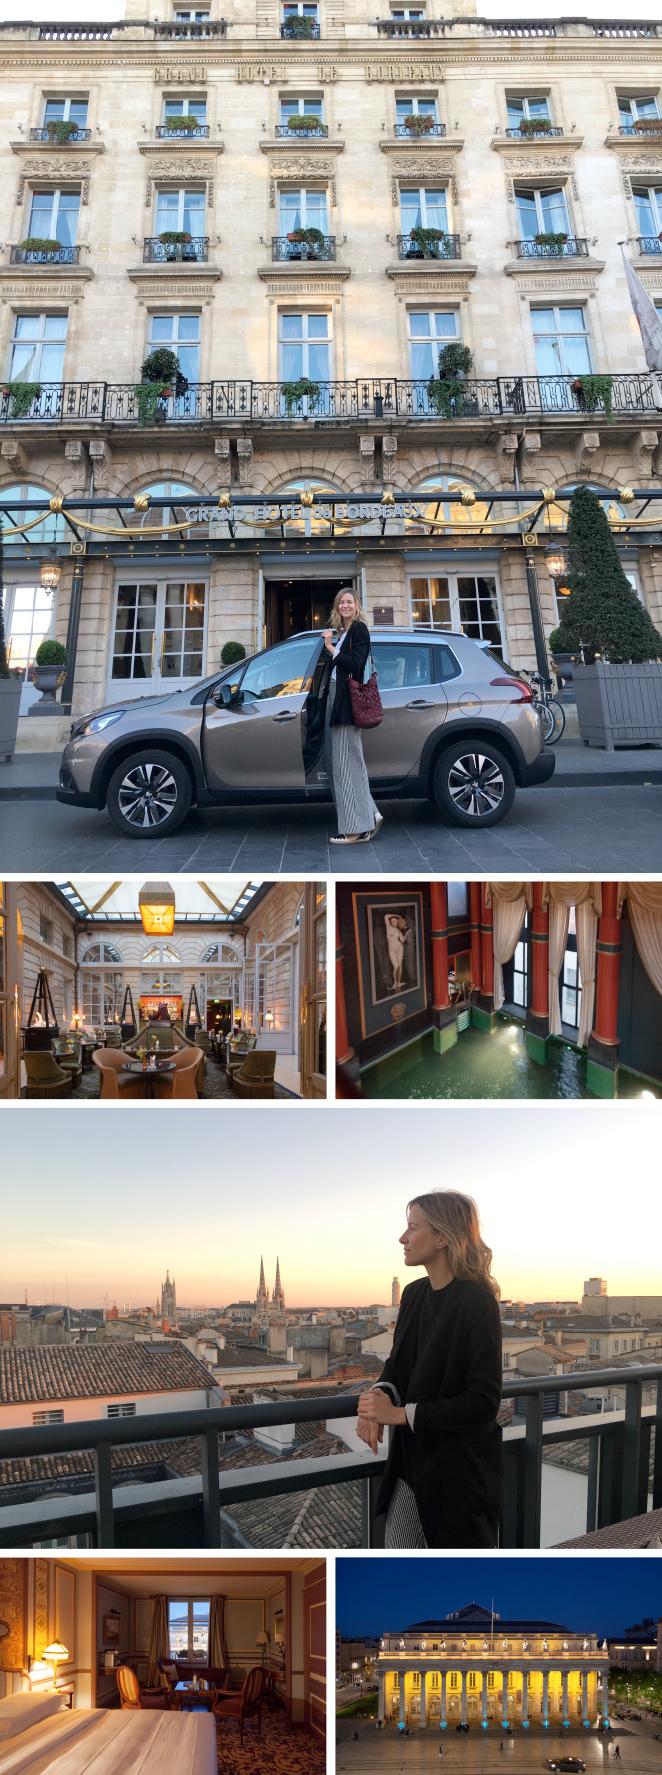 """Sin duda os recomendaría el Hotel Intercontinental Bordeaux Grand Hotel que tiene una ubicación privilegiada, justo enfrente del Teatro y desde donde podréis disfrutar de una de las mejores vistas de la ciudad a la que, por cierto, se la conoce como la """"Pequeña París"""" y fue declarada Patrimonio de la Humanidad en el 2007."""